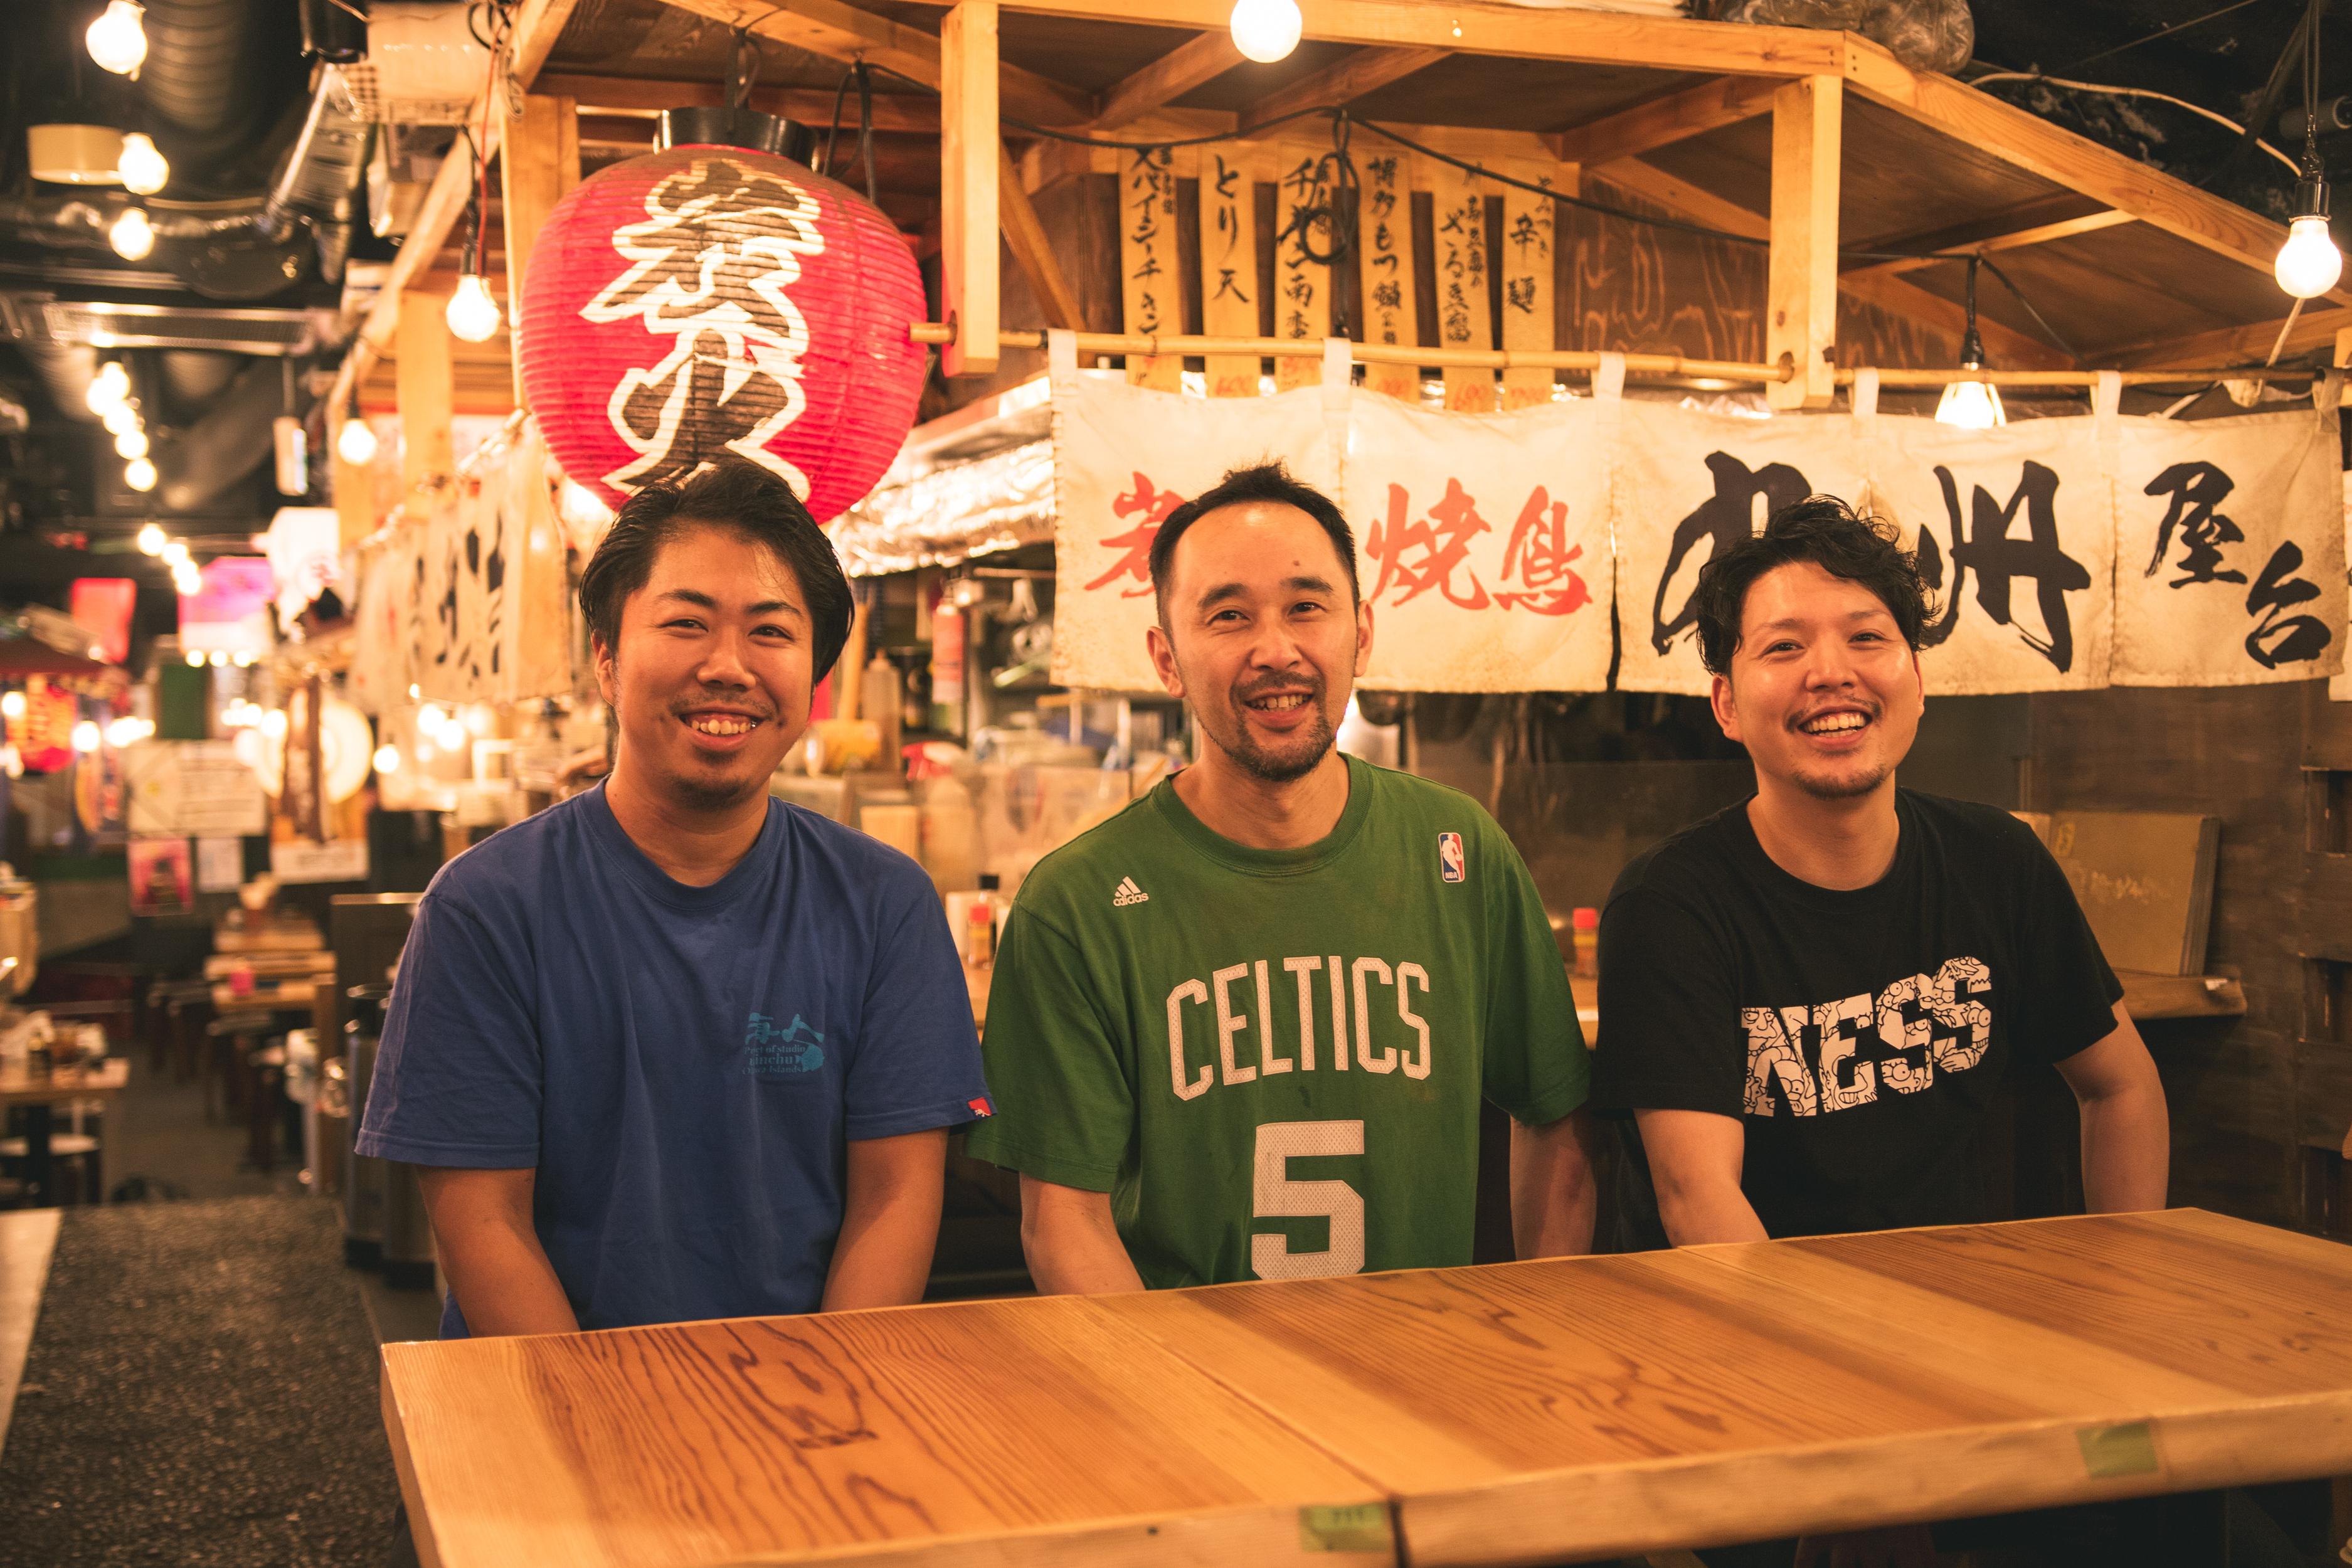 曽根さん、市野さん、佐藤さん